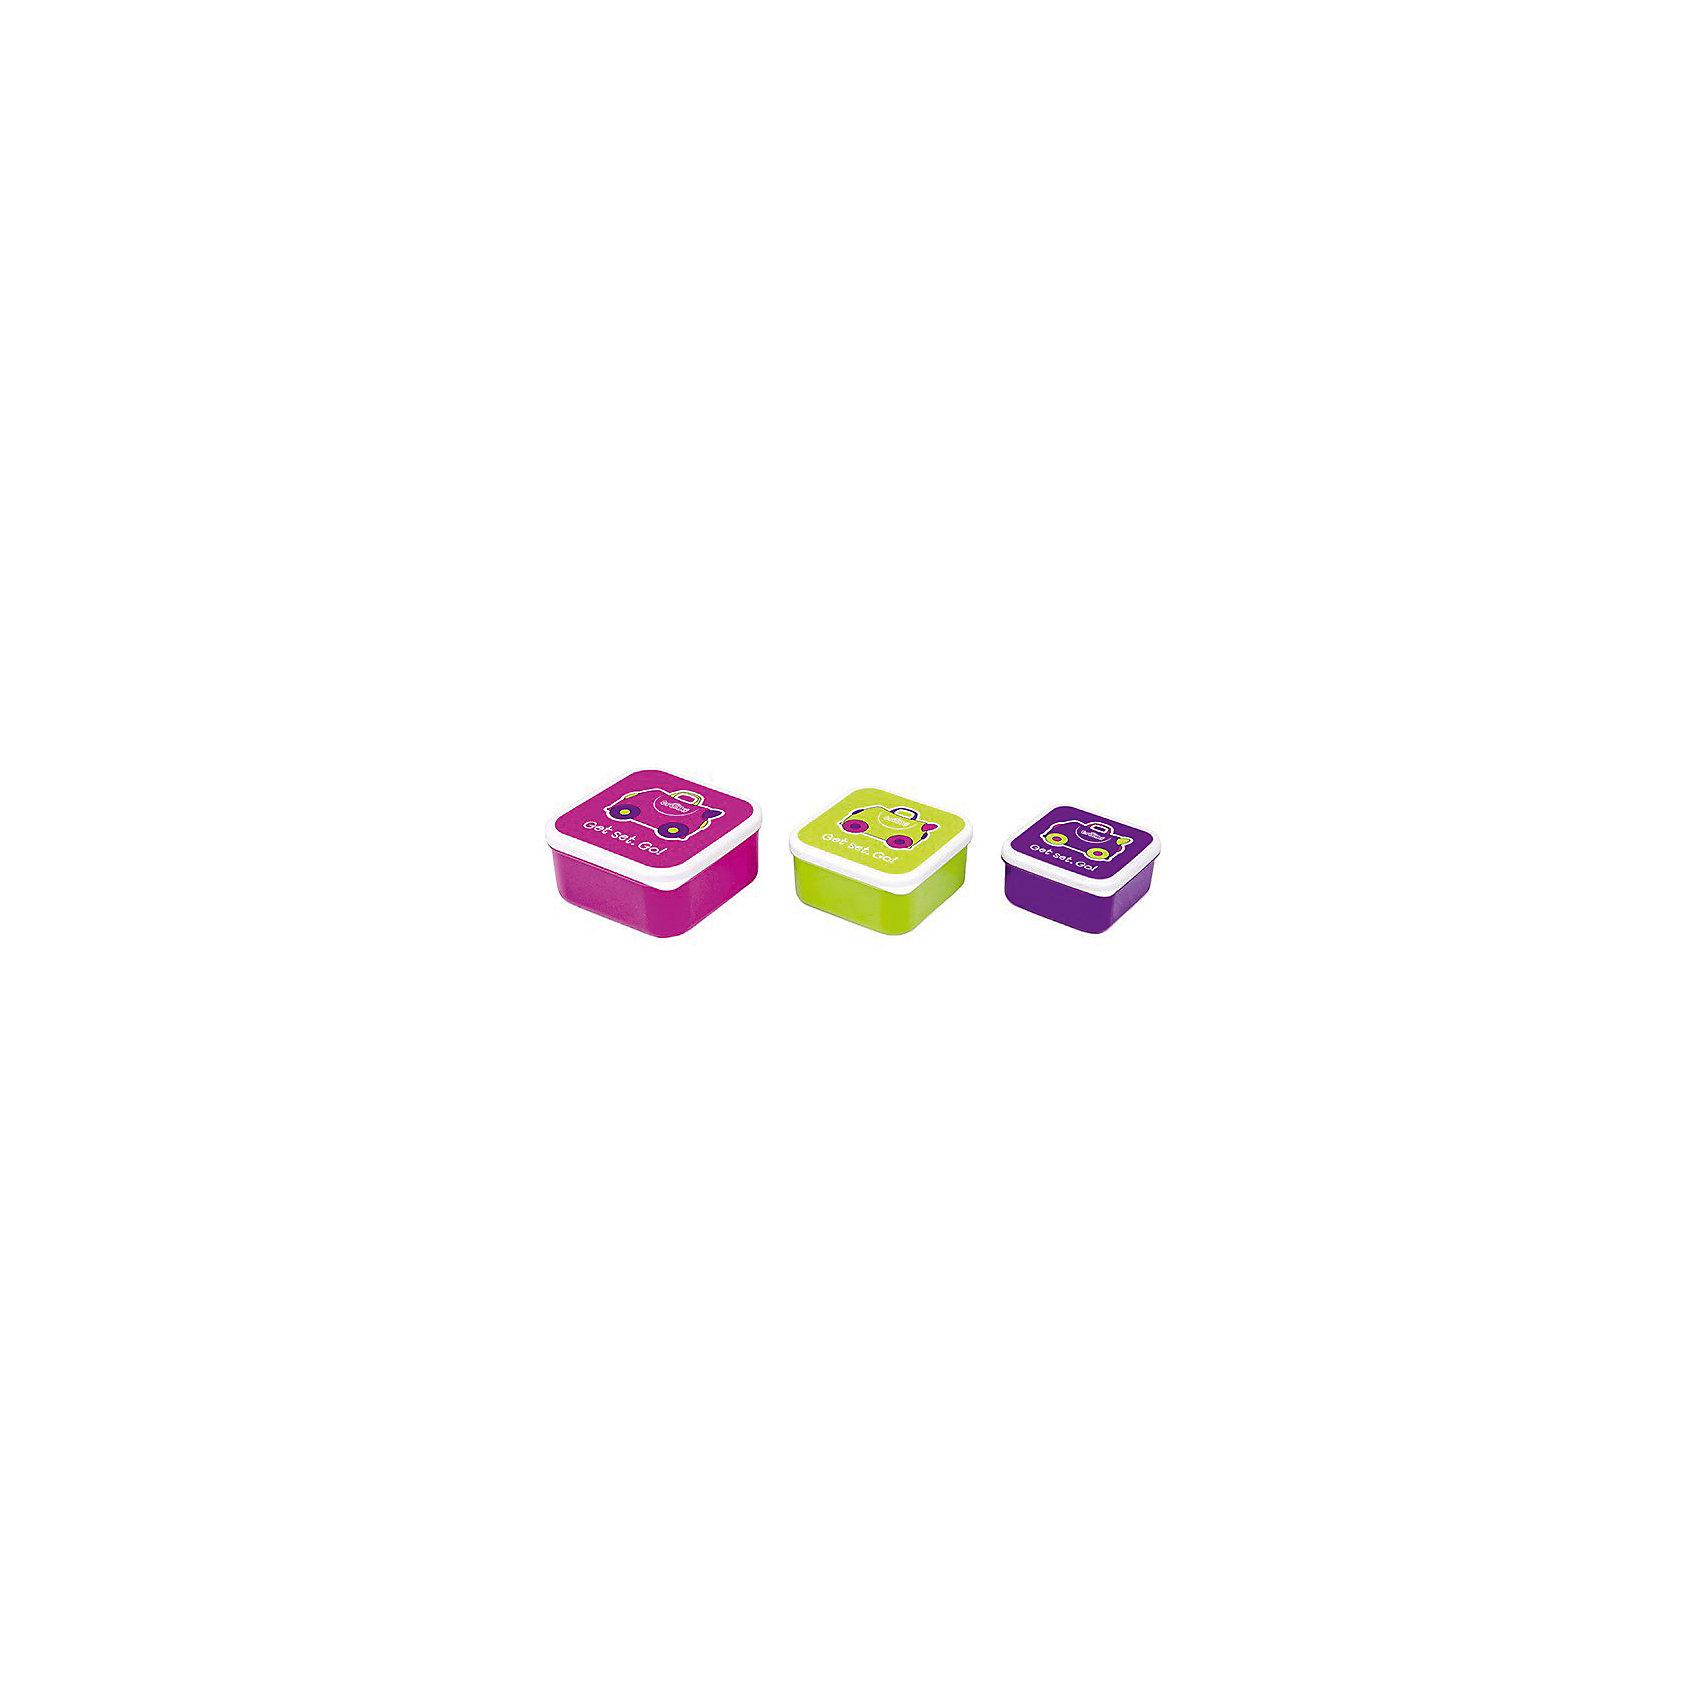 Контейнеры для еды 3 шт, розовый, фиолетовый, зеленыйЛанч бокс Trunki 3 в 1, розового, фиолетового и зеленого цвета непременно пригодится юным путешественникам. <br><br>В ярких ланч боксах ребенок сможет взять с собой в путешествие, на пикник или прогулку любимые угощения и закуски. Комплект контейнеров идеально вмещается в сумку-холодильник от Trunki. <br><br>Ланч боксы легко моются, нижнюю часть контейнера можно мыть в посудомоечной машине, крышку же лучше мыть вручную, чтобы избежать стирания рисунка. Удобны в хранении, не занимают много места, вмещаются друг в друга по принципу матрешки. <br><br>Внимание! Пищевые контейнеры Транки не предназначены для микроволновой печи. <br><br>Ланч боксы выполнены в стилистике и расцветке сумки-холодильника и чемодана Trixie, изготовлены из высококачественного безопасного для здоровья пластика, без содержания ПВХ, бисфенолов и фталатов. <br><br>Размеры ланч боксов:<br><br>Большой - 12 x 12 x 5,5 см., <br>Средний - 10,5 x 10,5 x 5 см., <br>Маленький - 9 x 9 x 4,5 см.<br><br>Ширина мм: 120<br>Глубина мм: 55<br>Высота мм: 120<br>Вес г: 250<br>Возраст от месяцев: 60<br>Возраст до месяцев: 2147483647<br>Пол: Унисекс<br>Возраст: Детский<br>SKU: 5509348